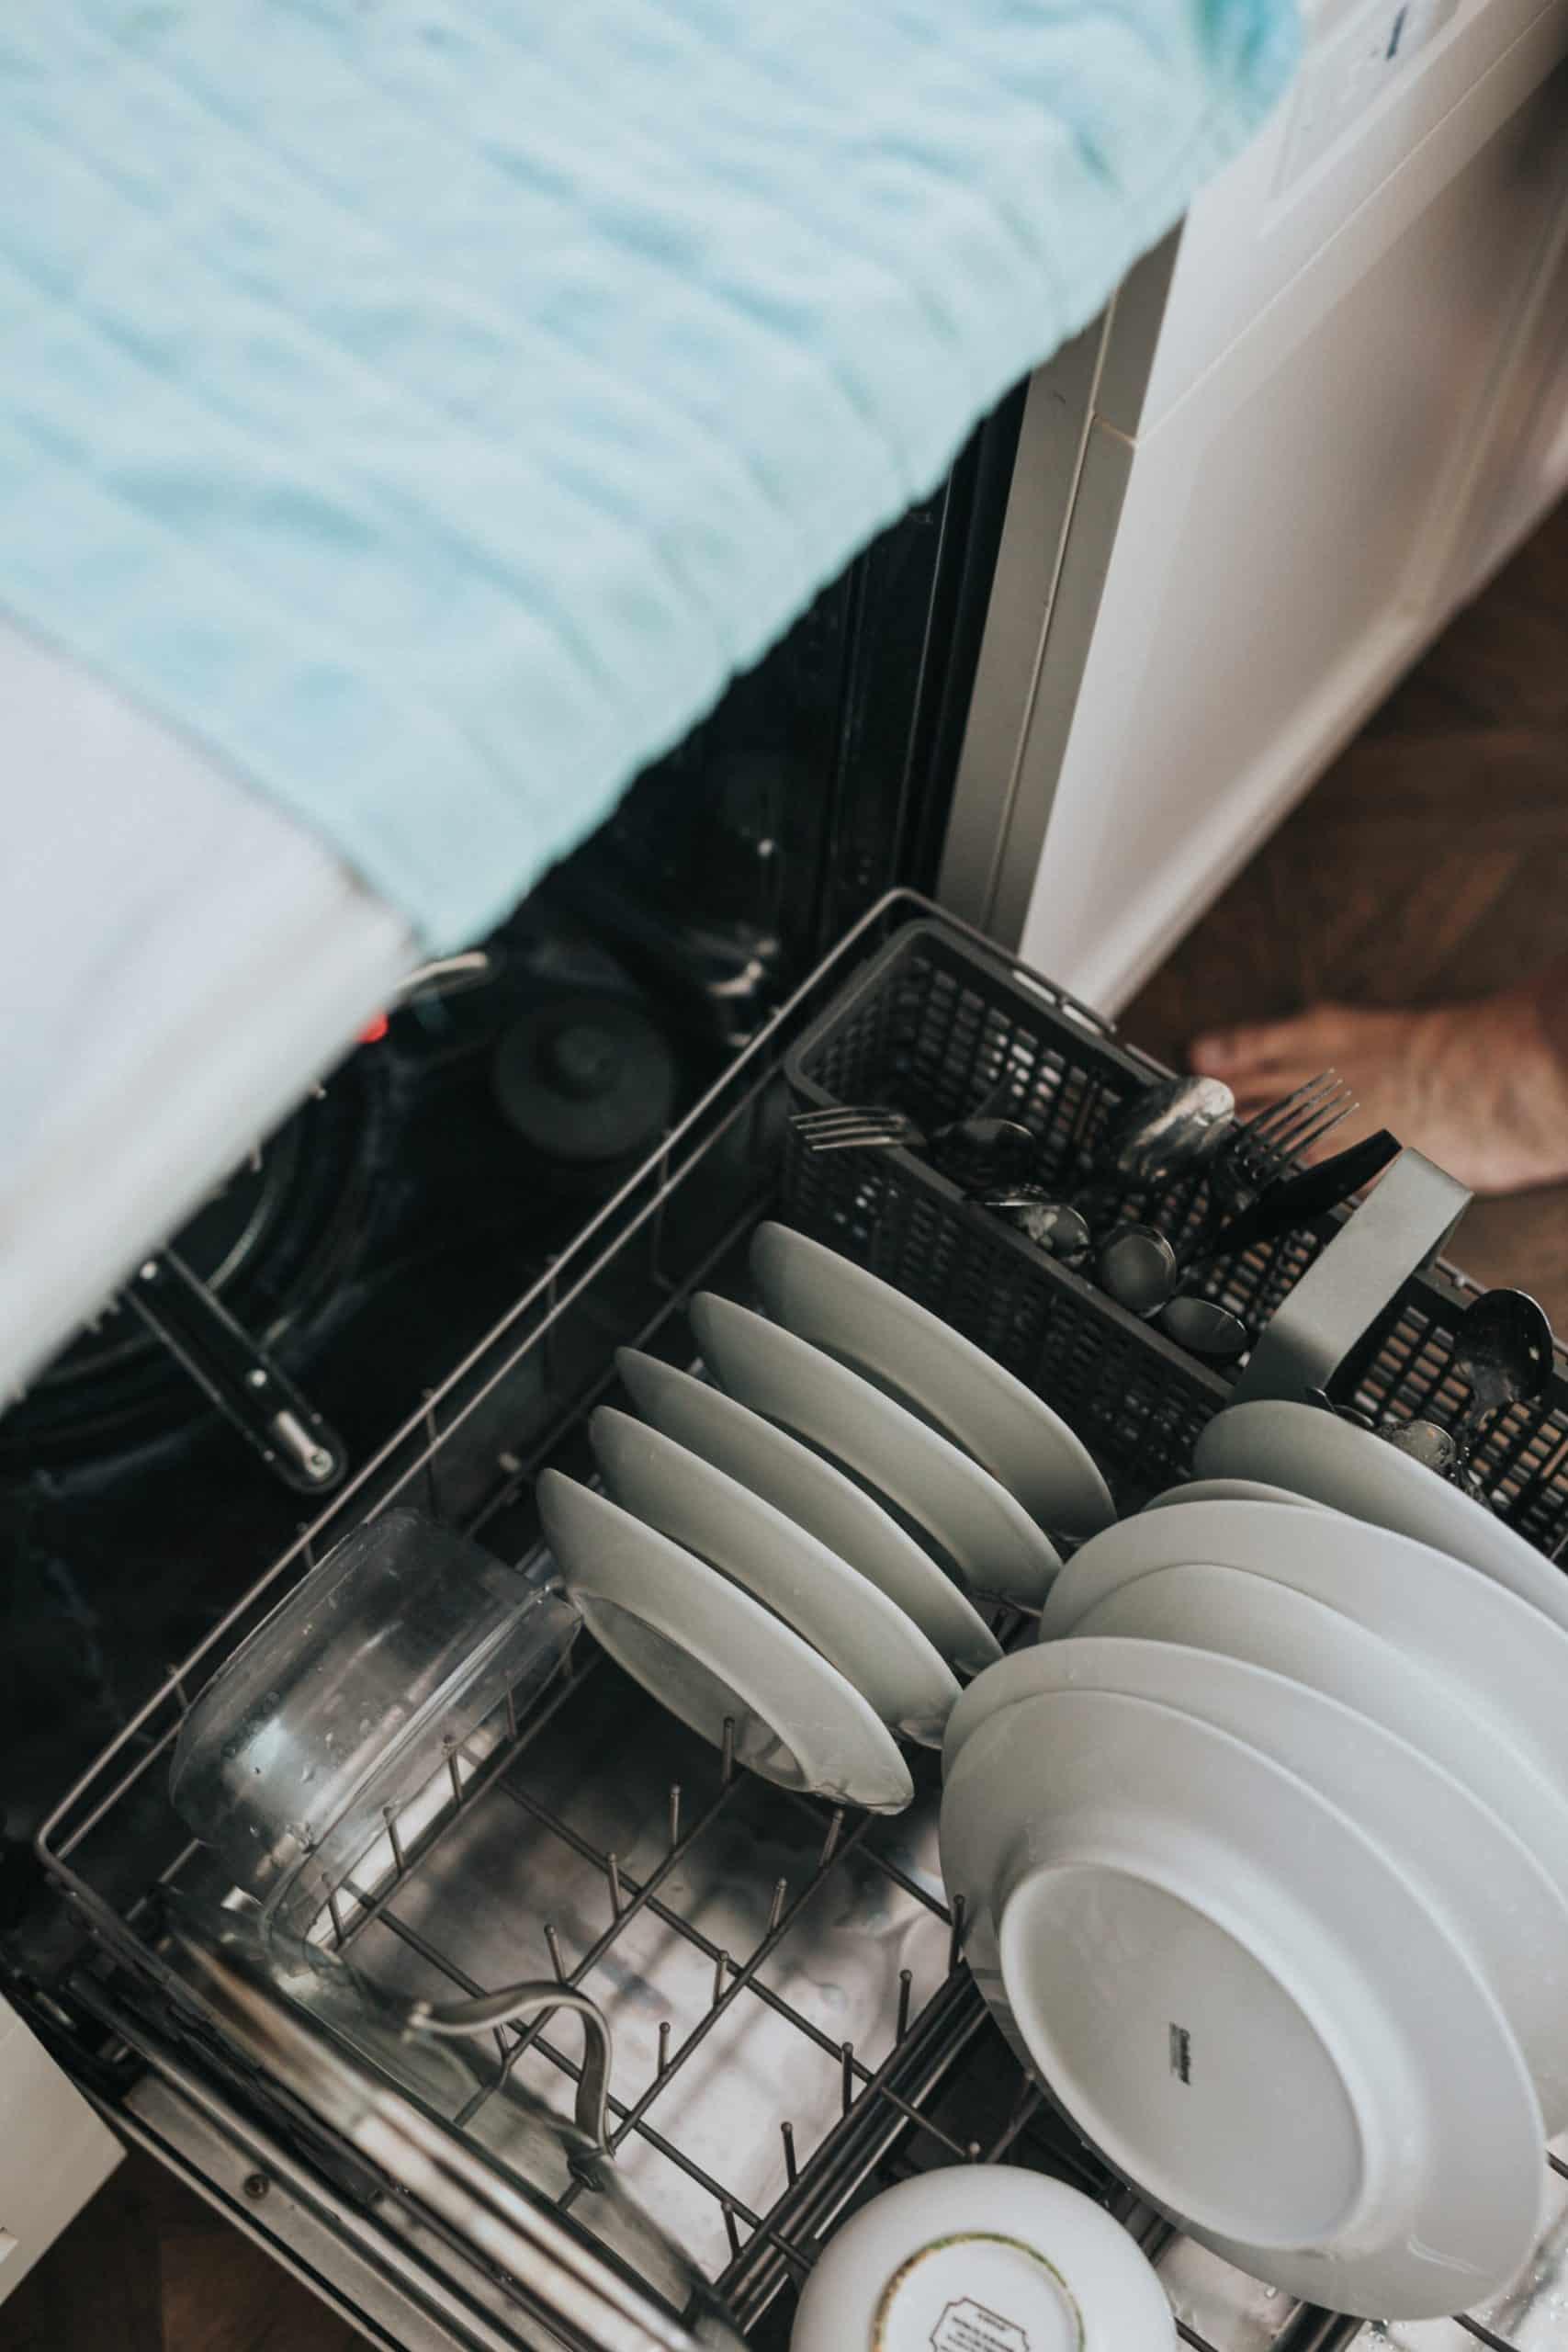 6 Smart Appliances Article Image